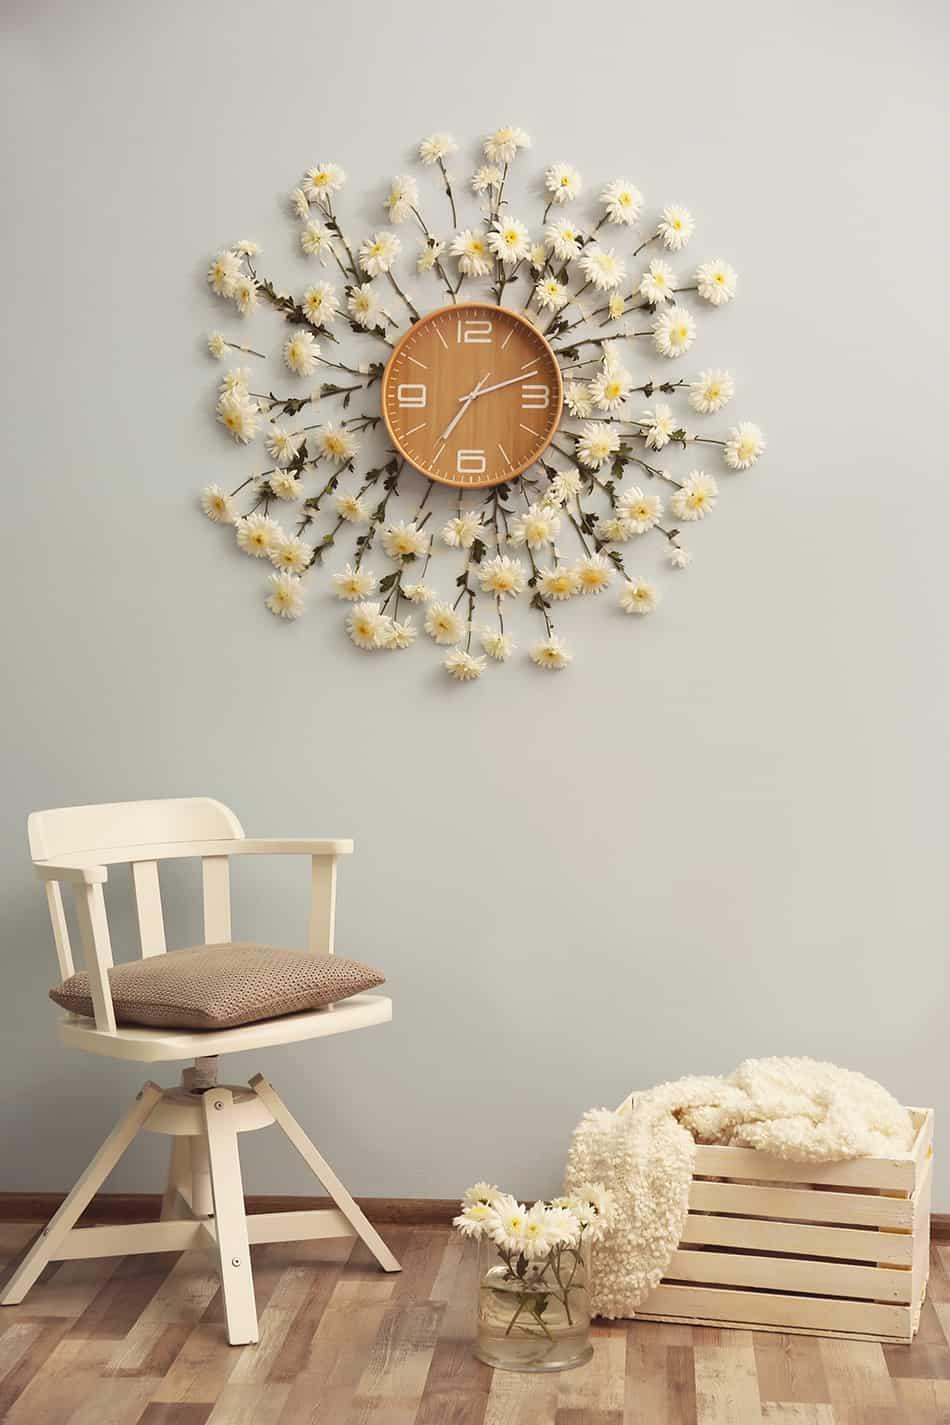 Add a decorative clock